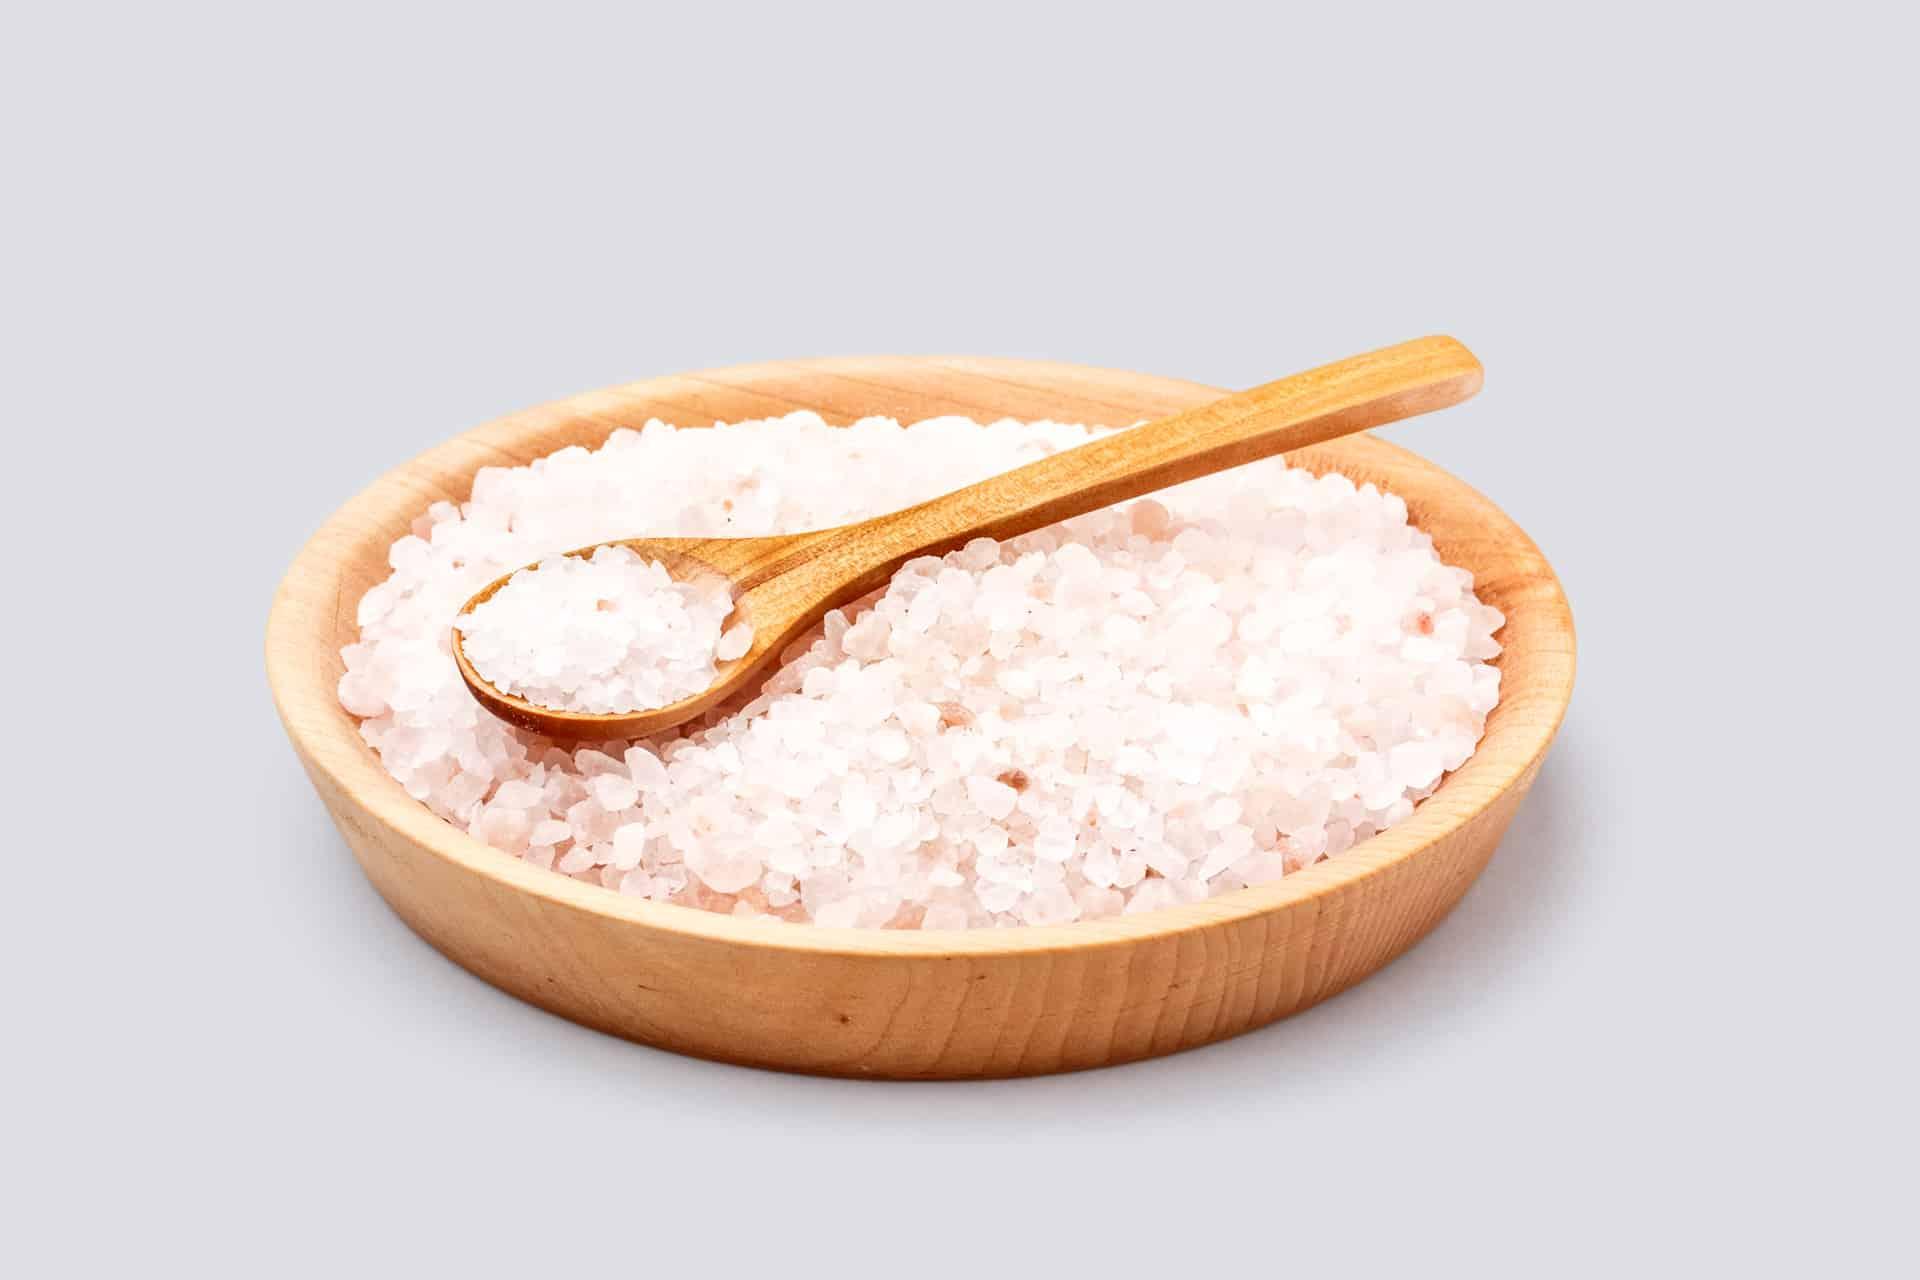 Himalayan Pink Salt Benefits, Pink Himalayan Salt, Benefits Benefits of Pink Himalayan Salt, Is Pink Himalayan Salt Good For You, Is Himalayan Salt Good For You